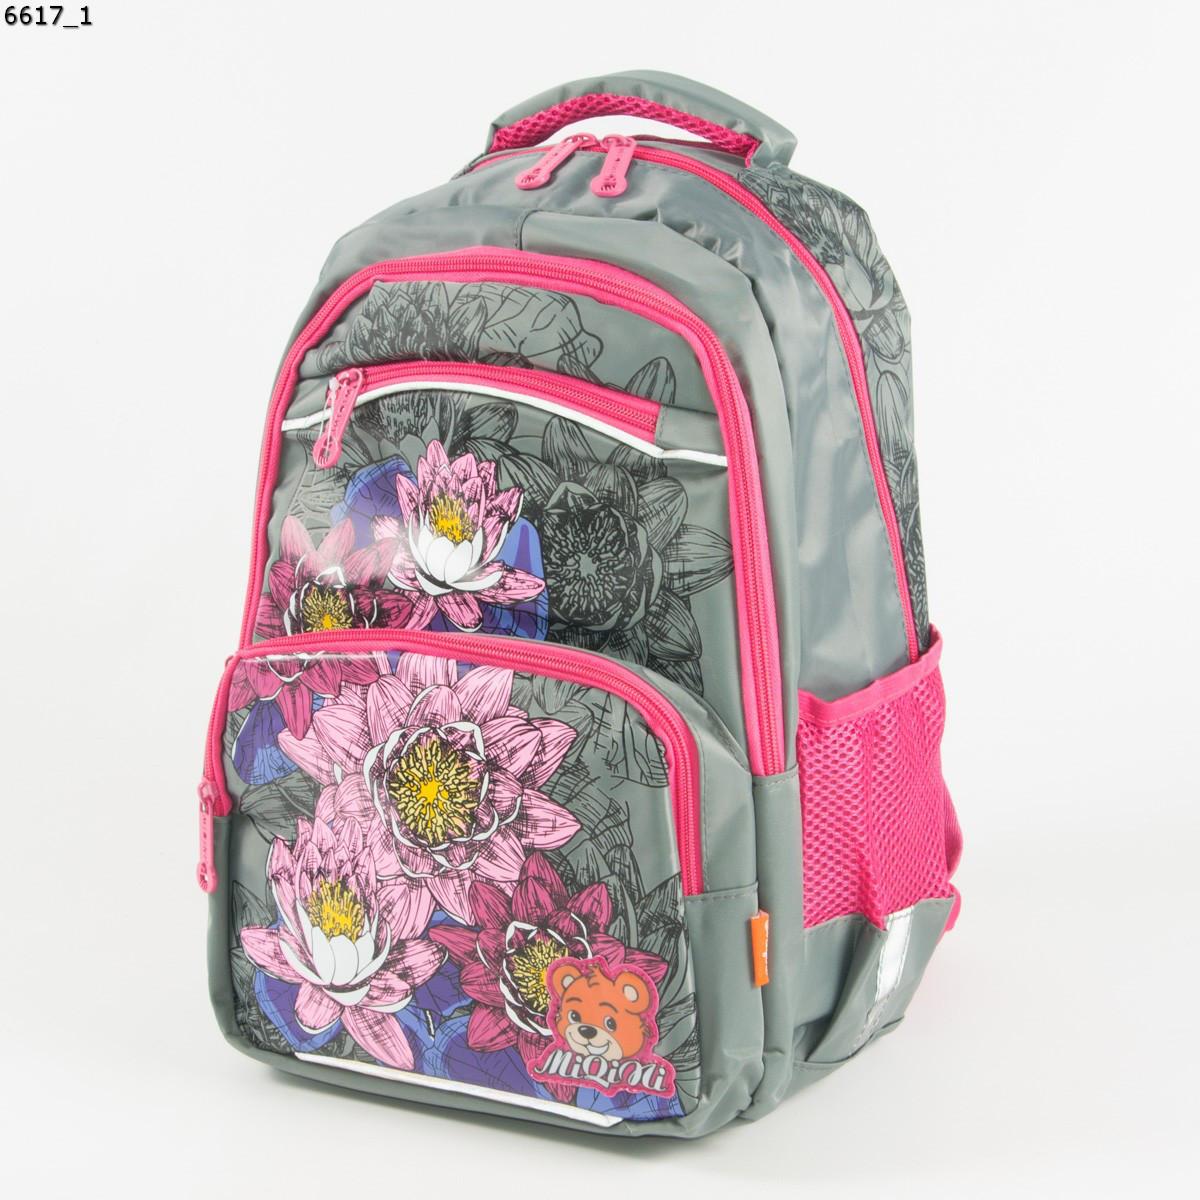 Оптом качественный школьный рюкзак для девочек с цветами - серый - 6617